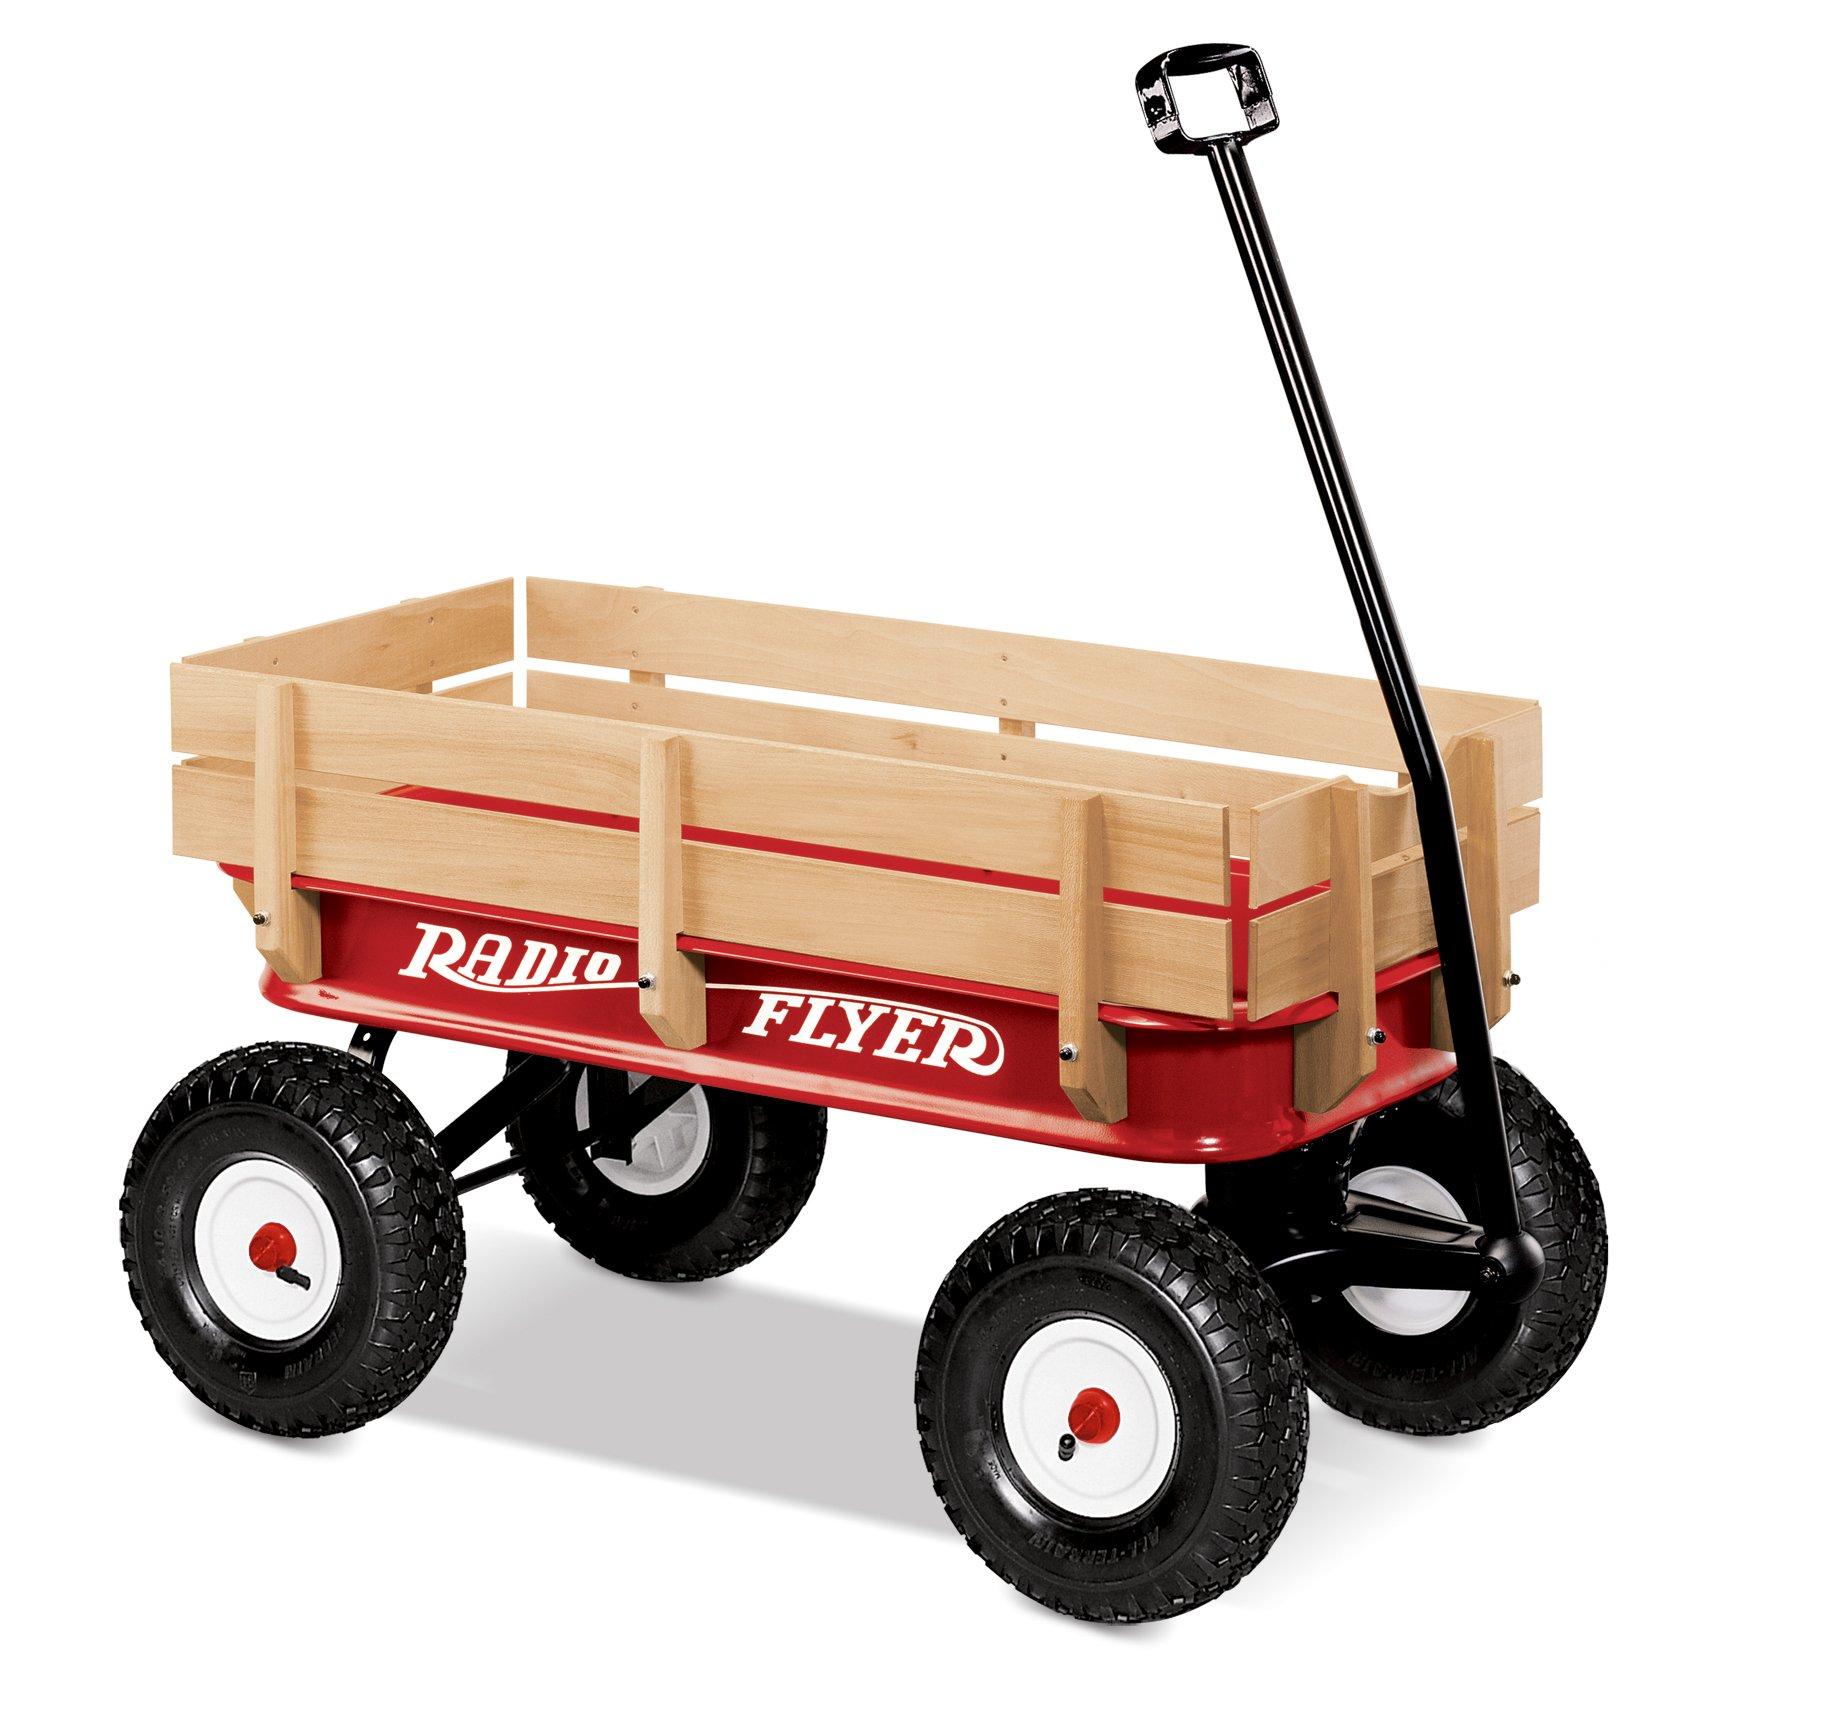 Radio Flyer All Terrain Steel Wagon